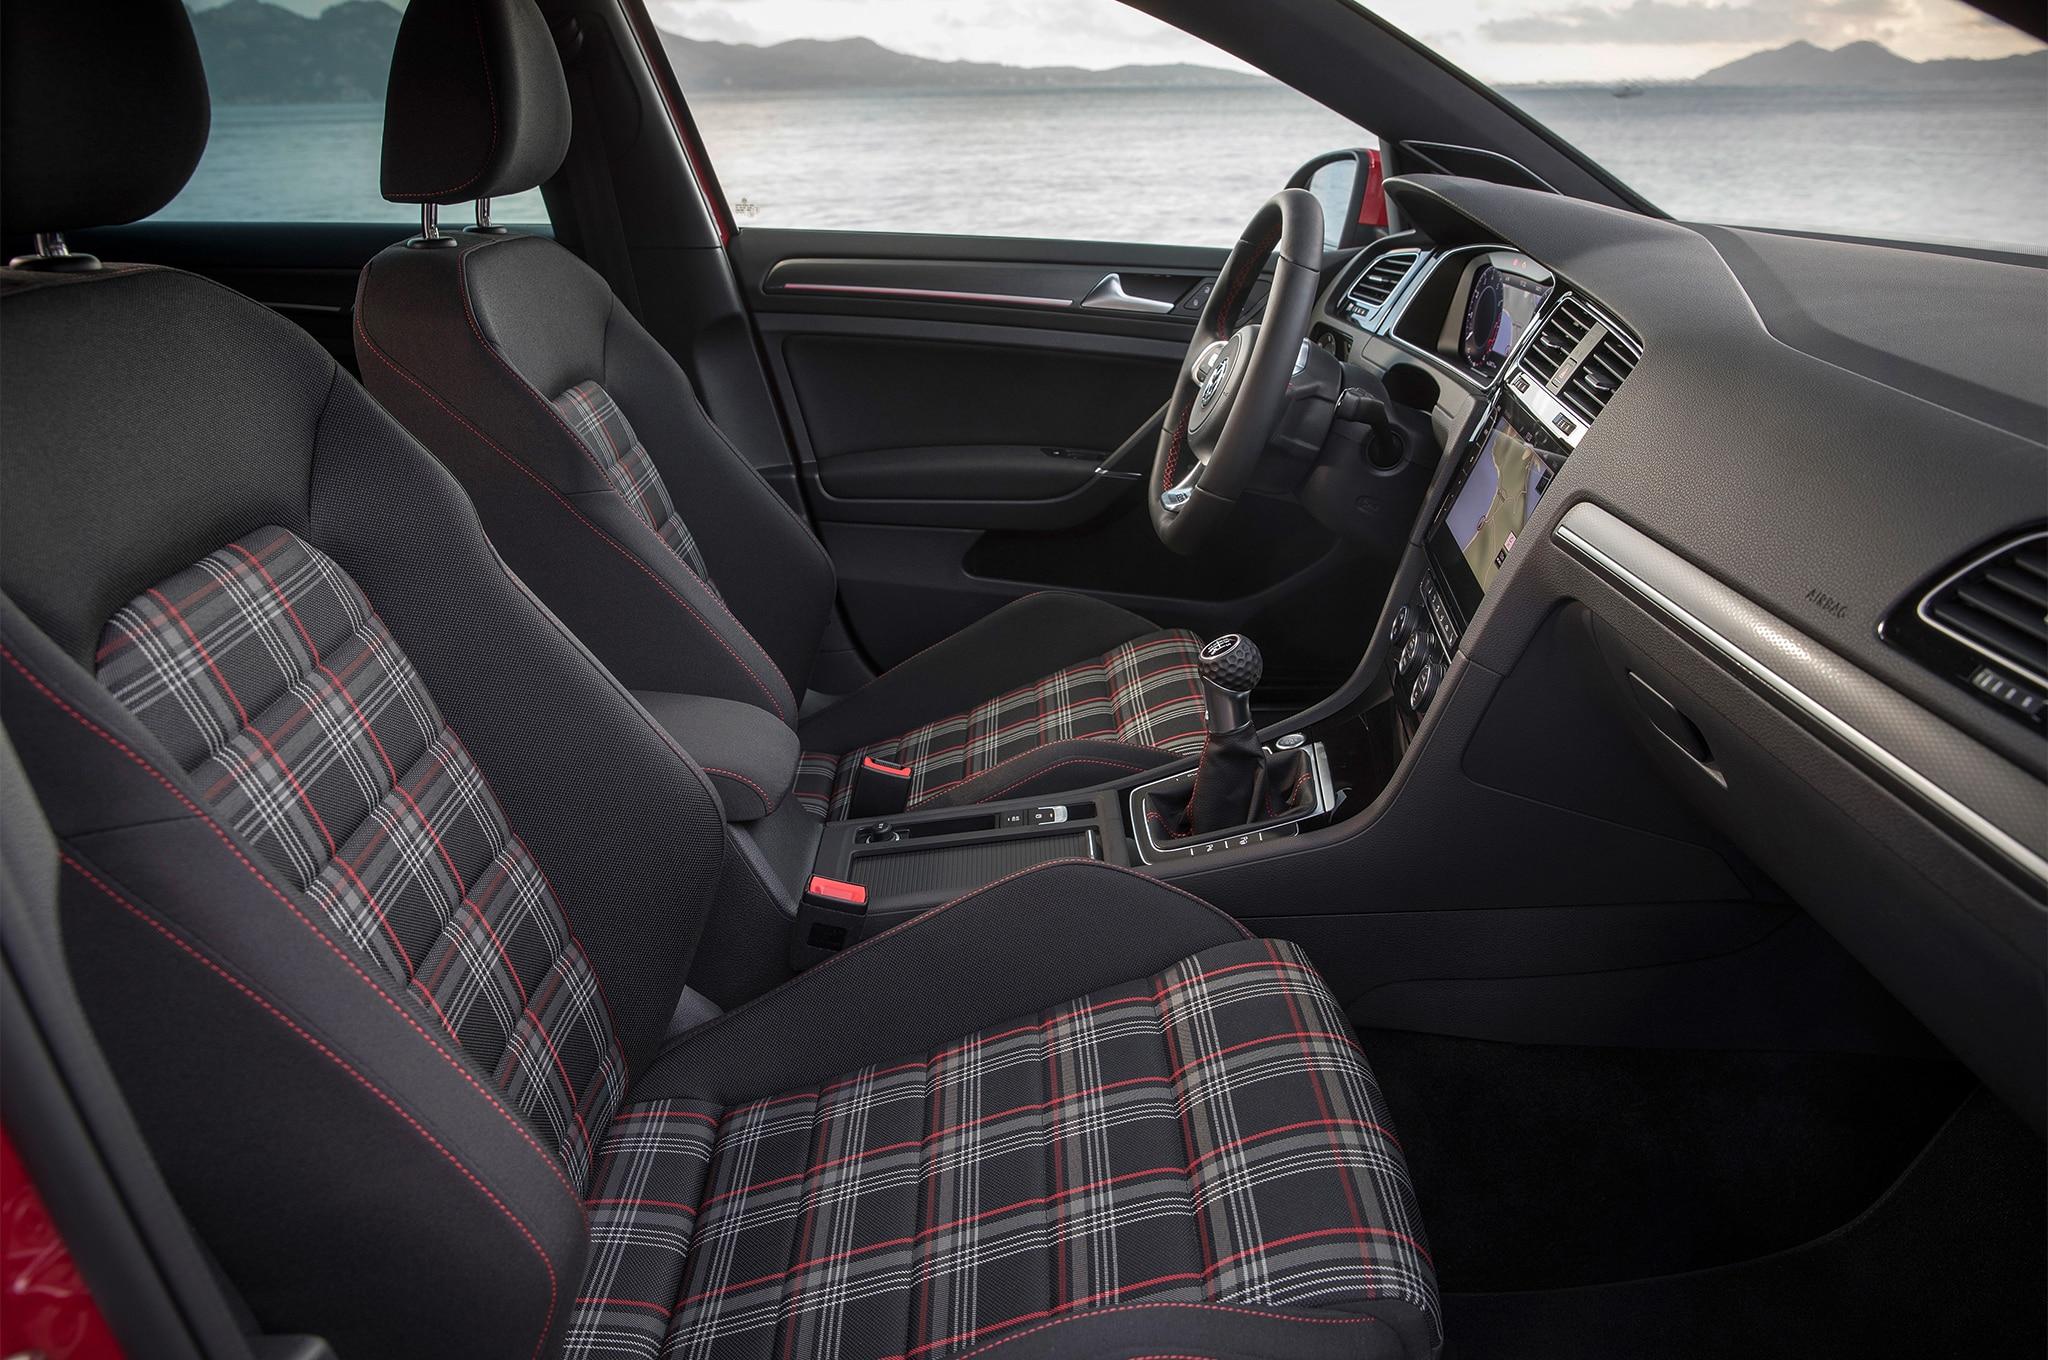 2018 volkswagen gti interior. plain gti show more with 2018 volkswagen gti interior